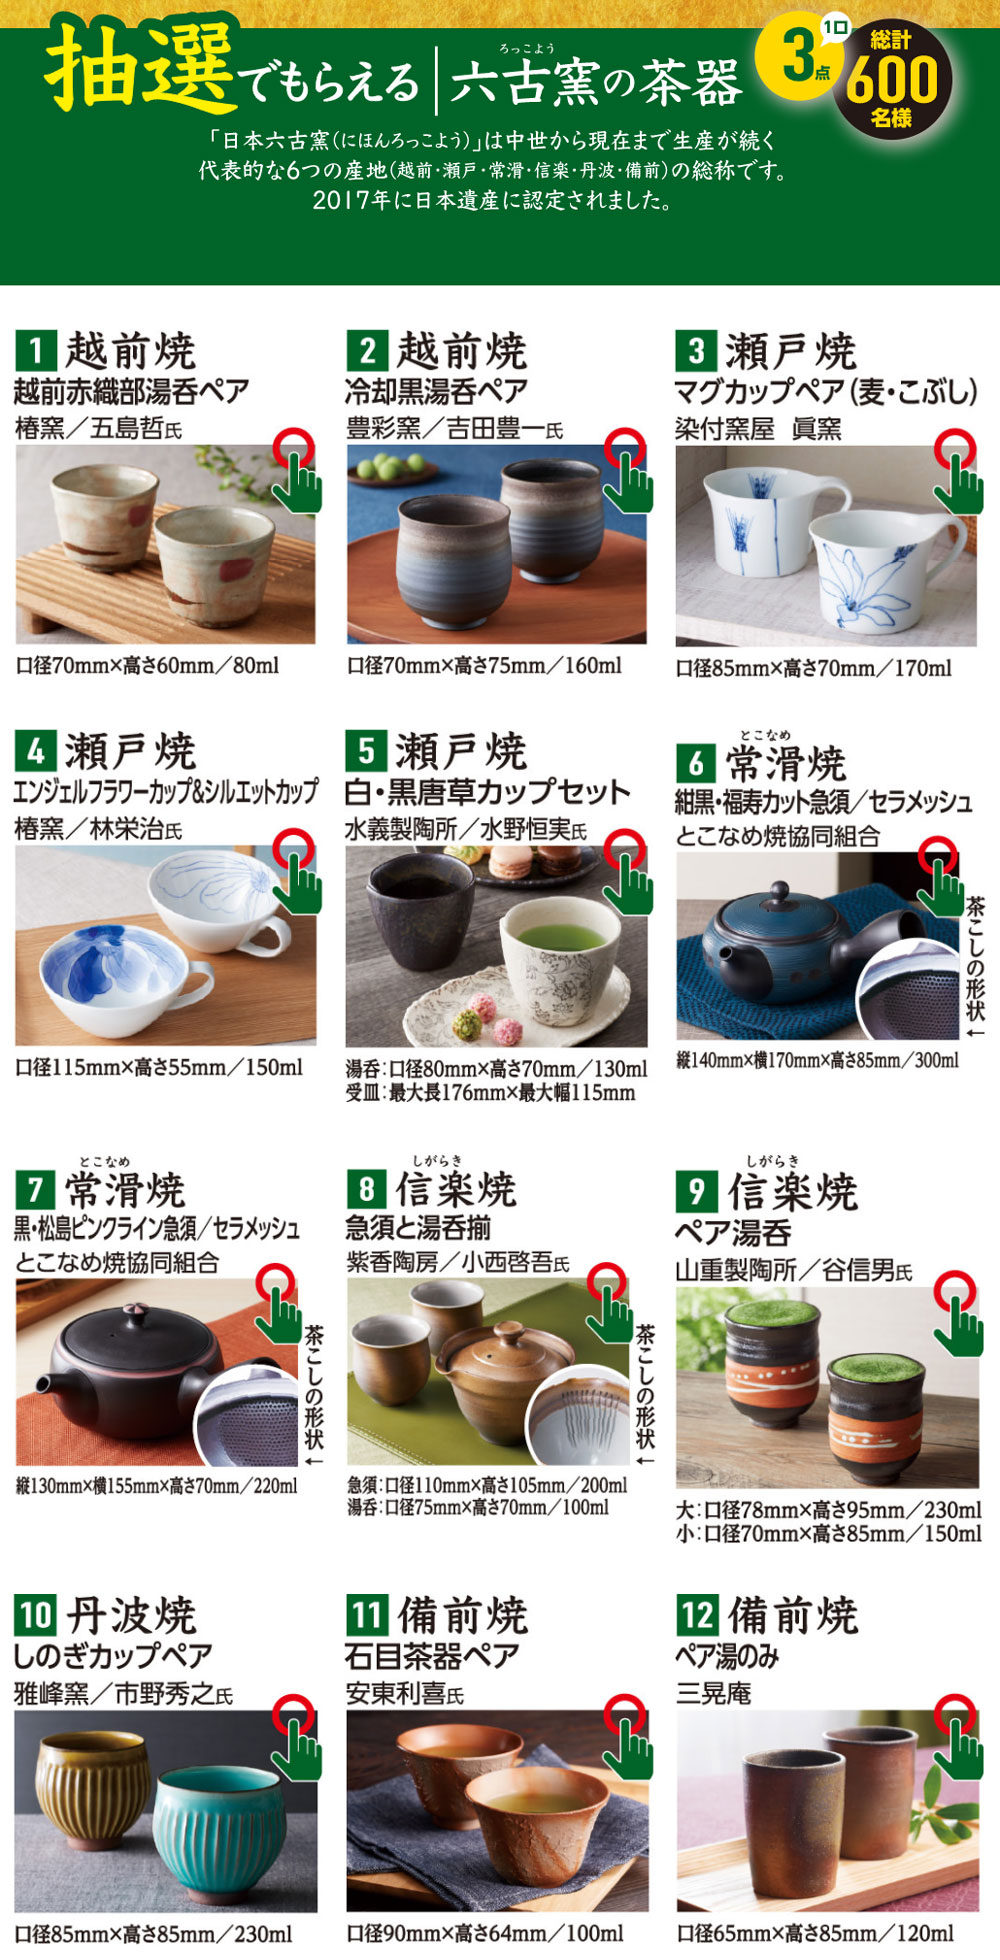 伊藤園 お茶 絶対もらえる懸賞キャンペーン2020冬 六古窯の茶器